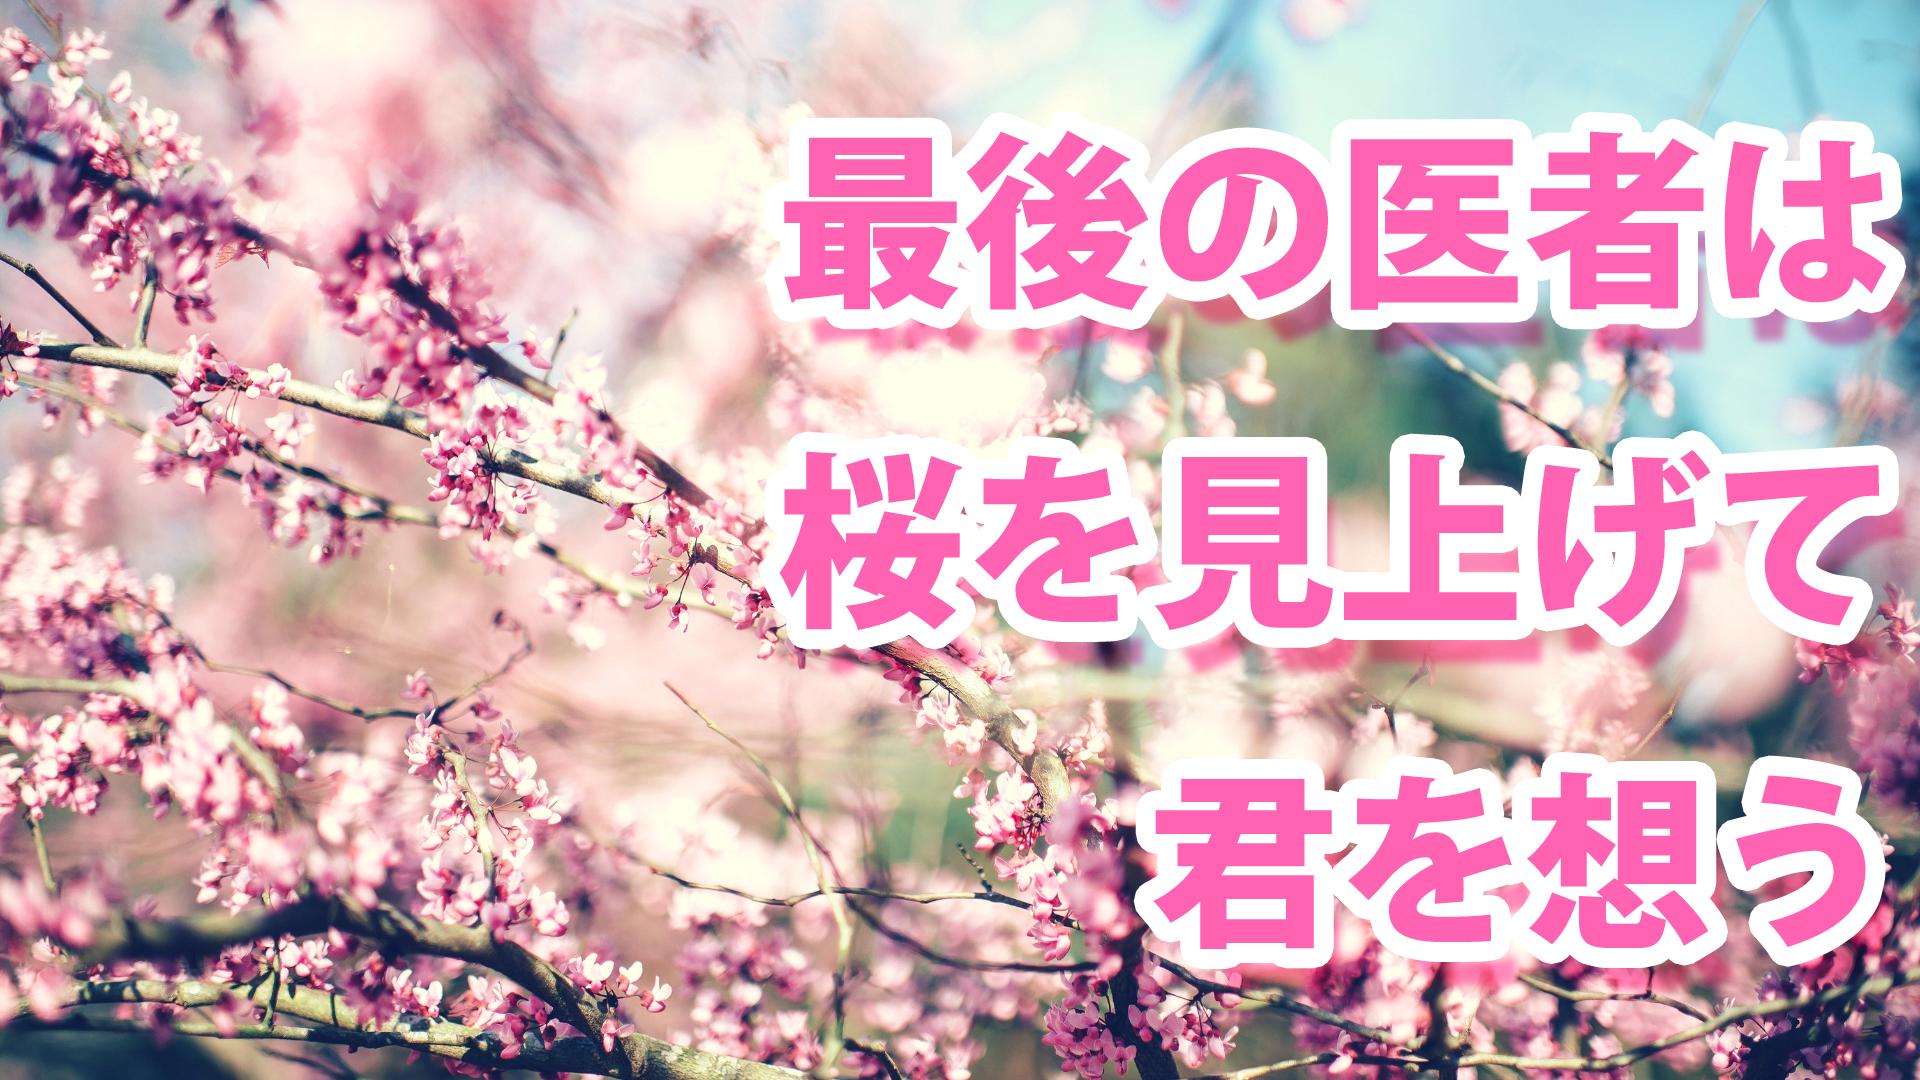 あなたは自分の「死に方」について考えたことはありますか?小説『最後の医者は桜を見上げて君を想う』レビュー